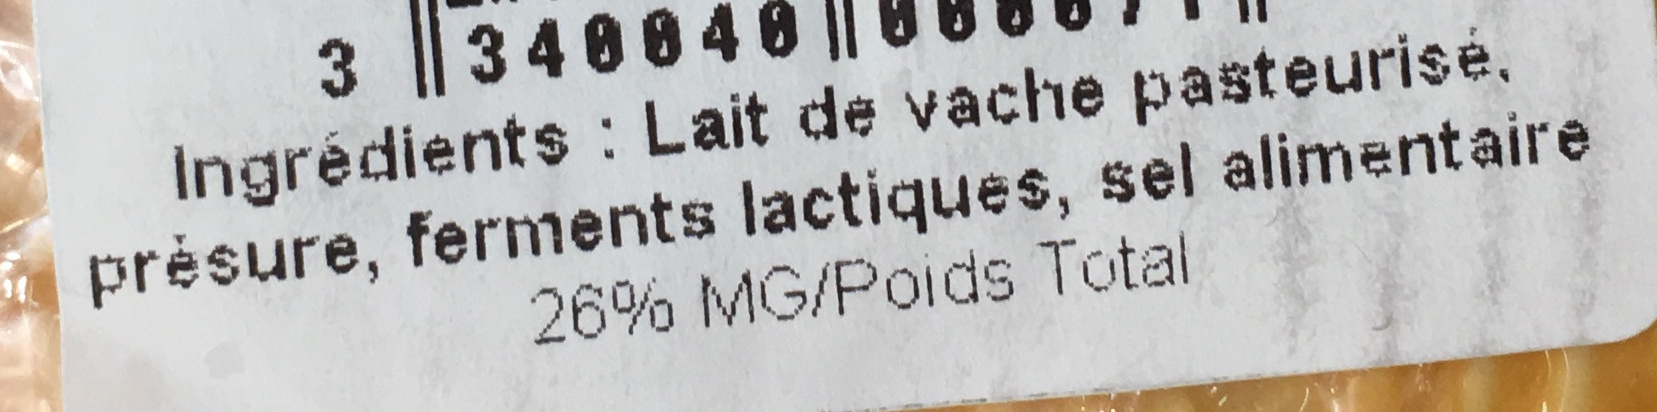 Coeur de Thierache (26% MG) - Ingrediënten